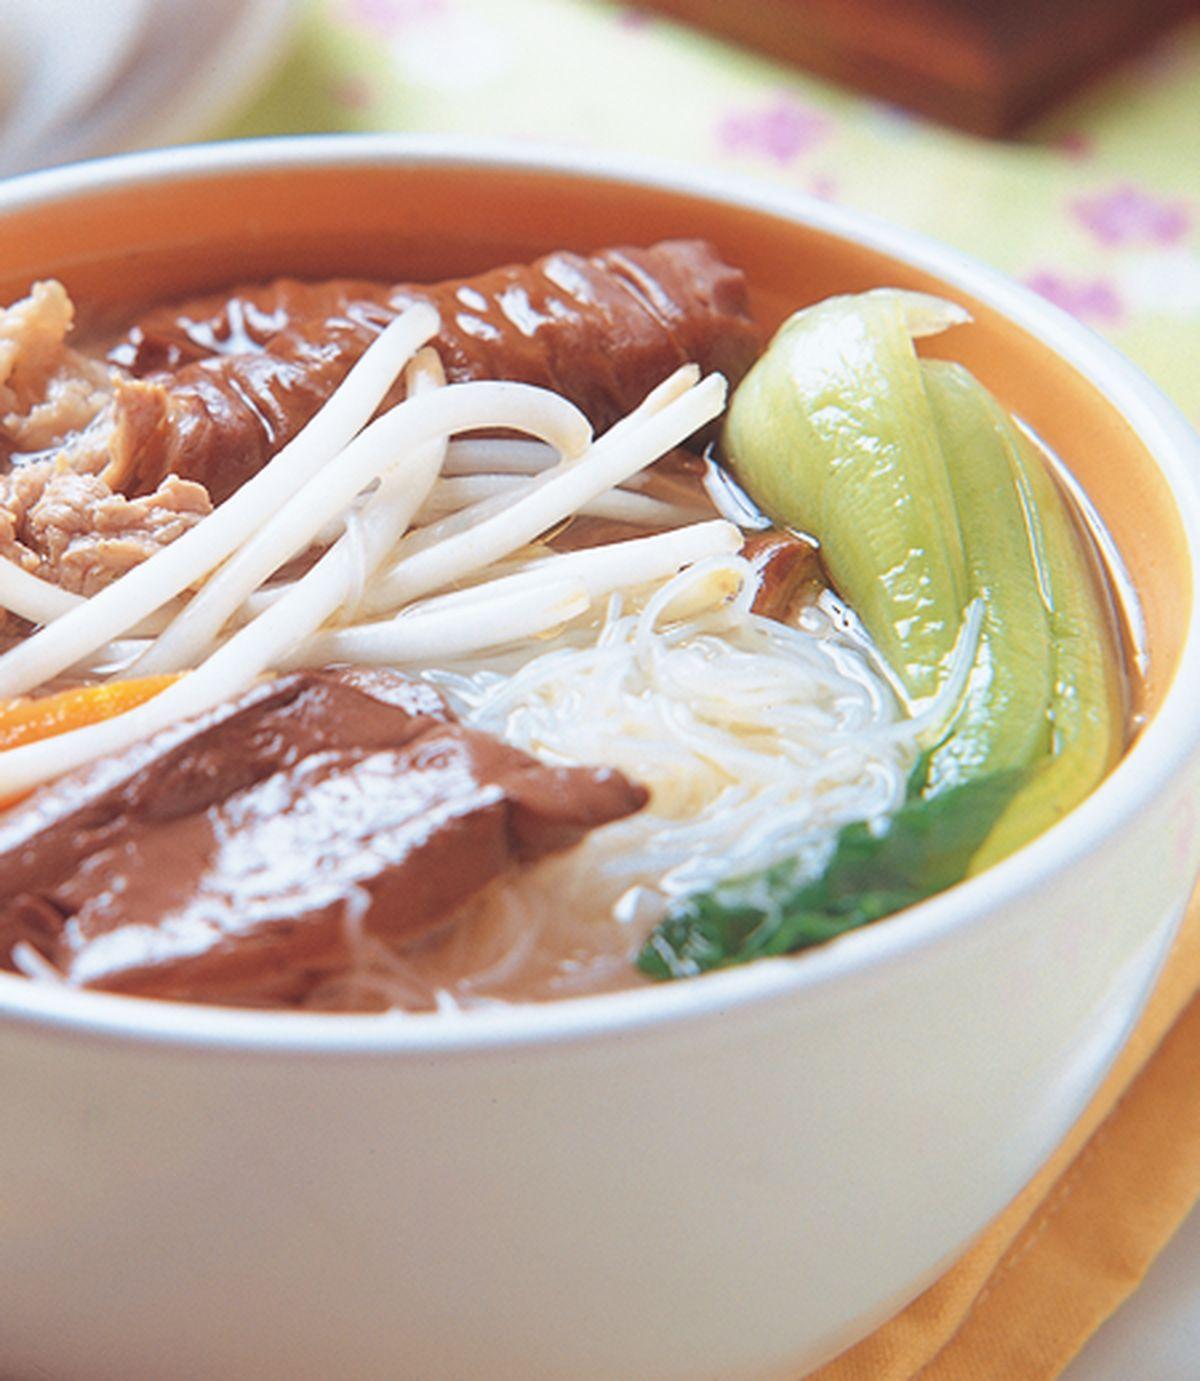 食譜:腸旺米粉湯